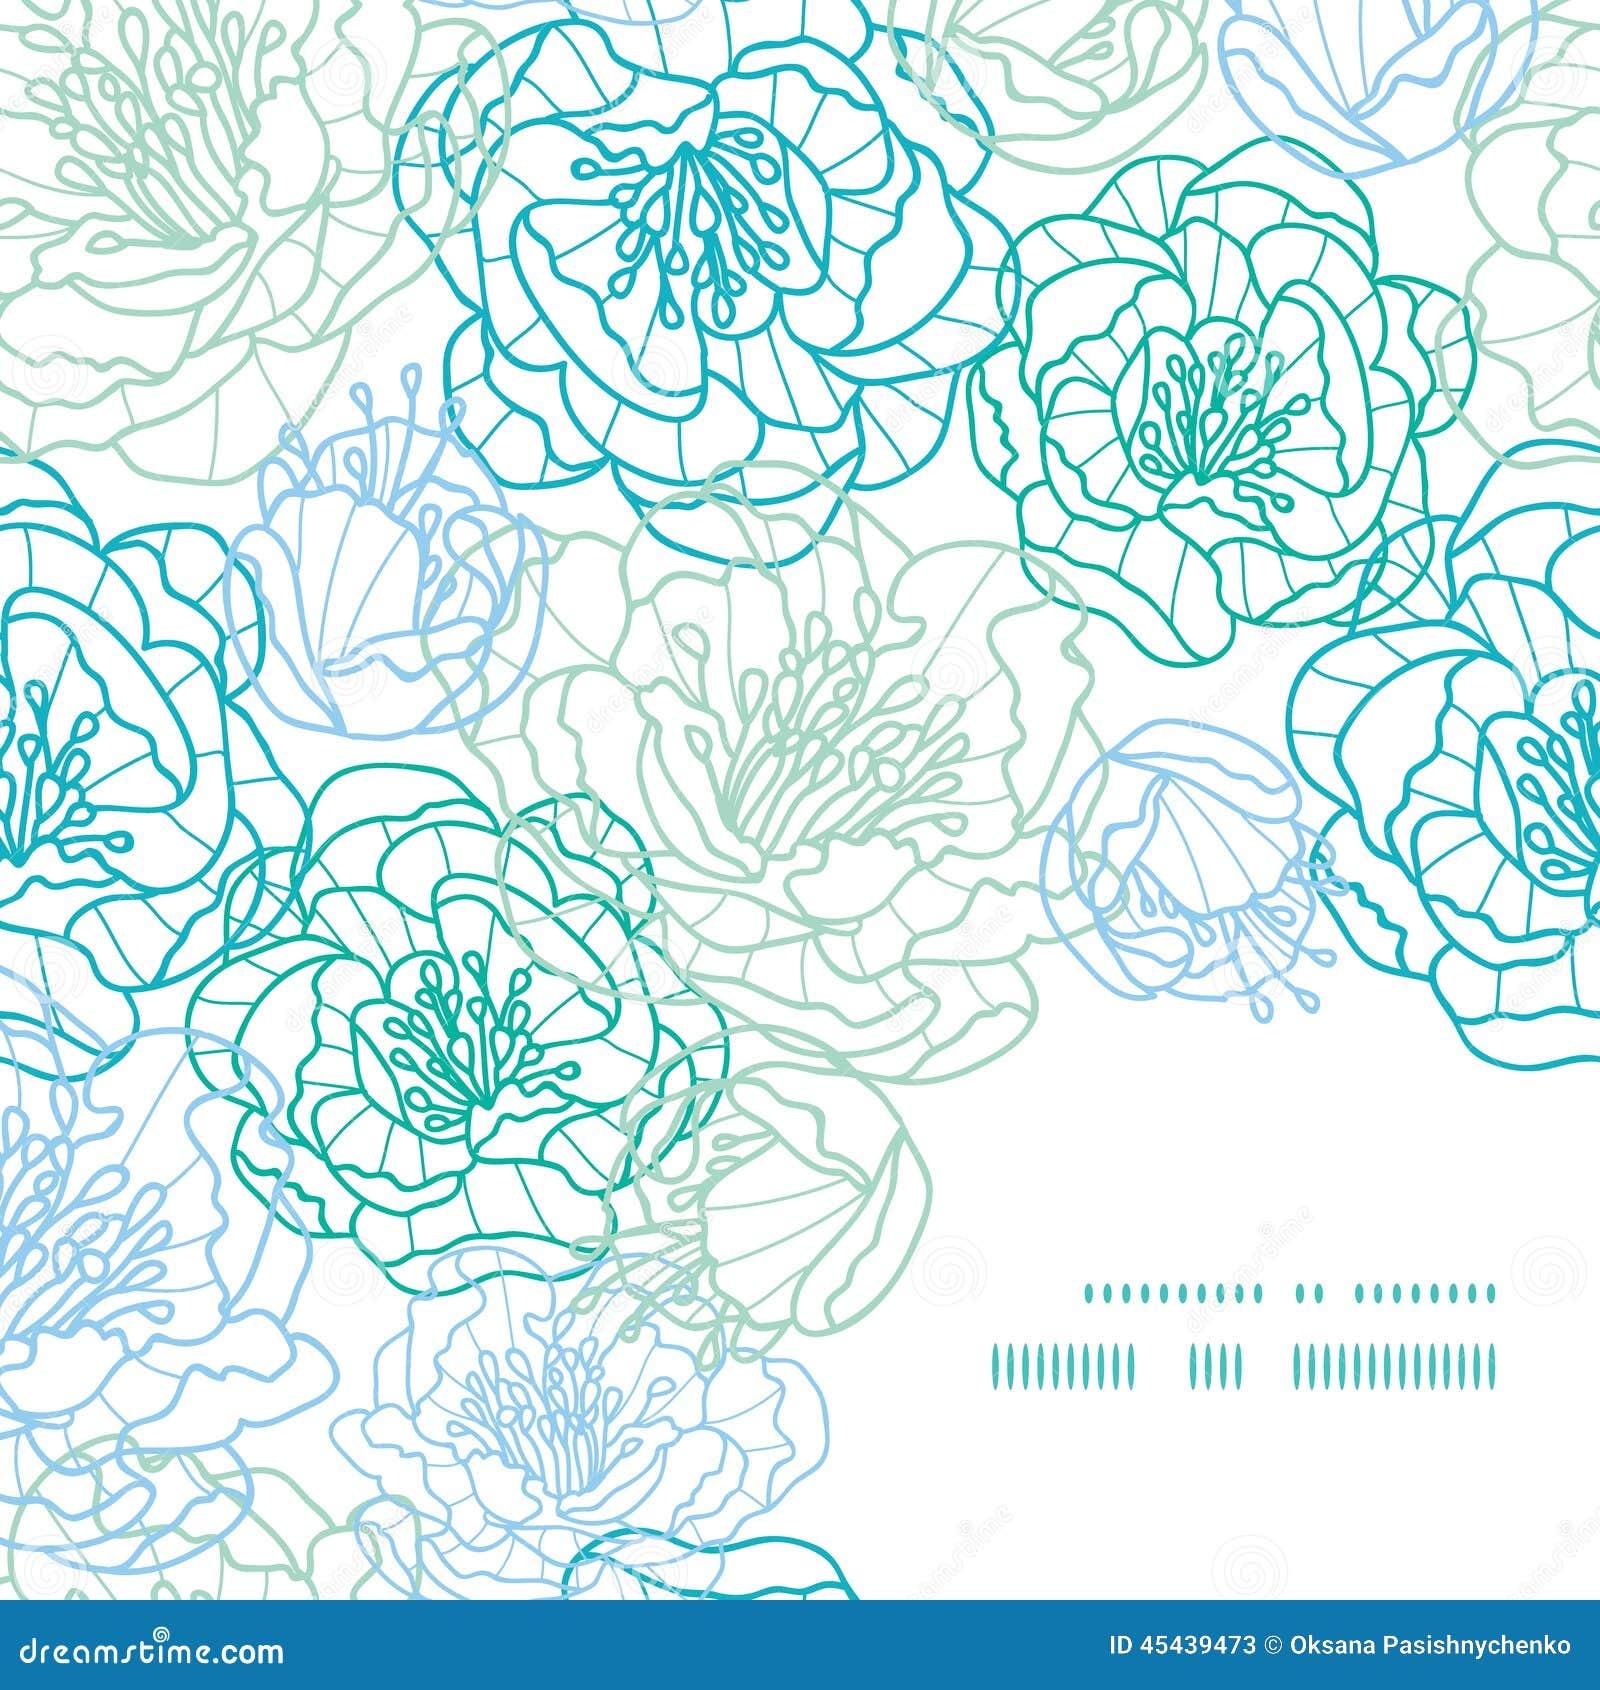 Line Art Corner Design : Vector blue line art flowers frame corner pattern stock